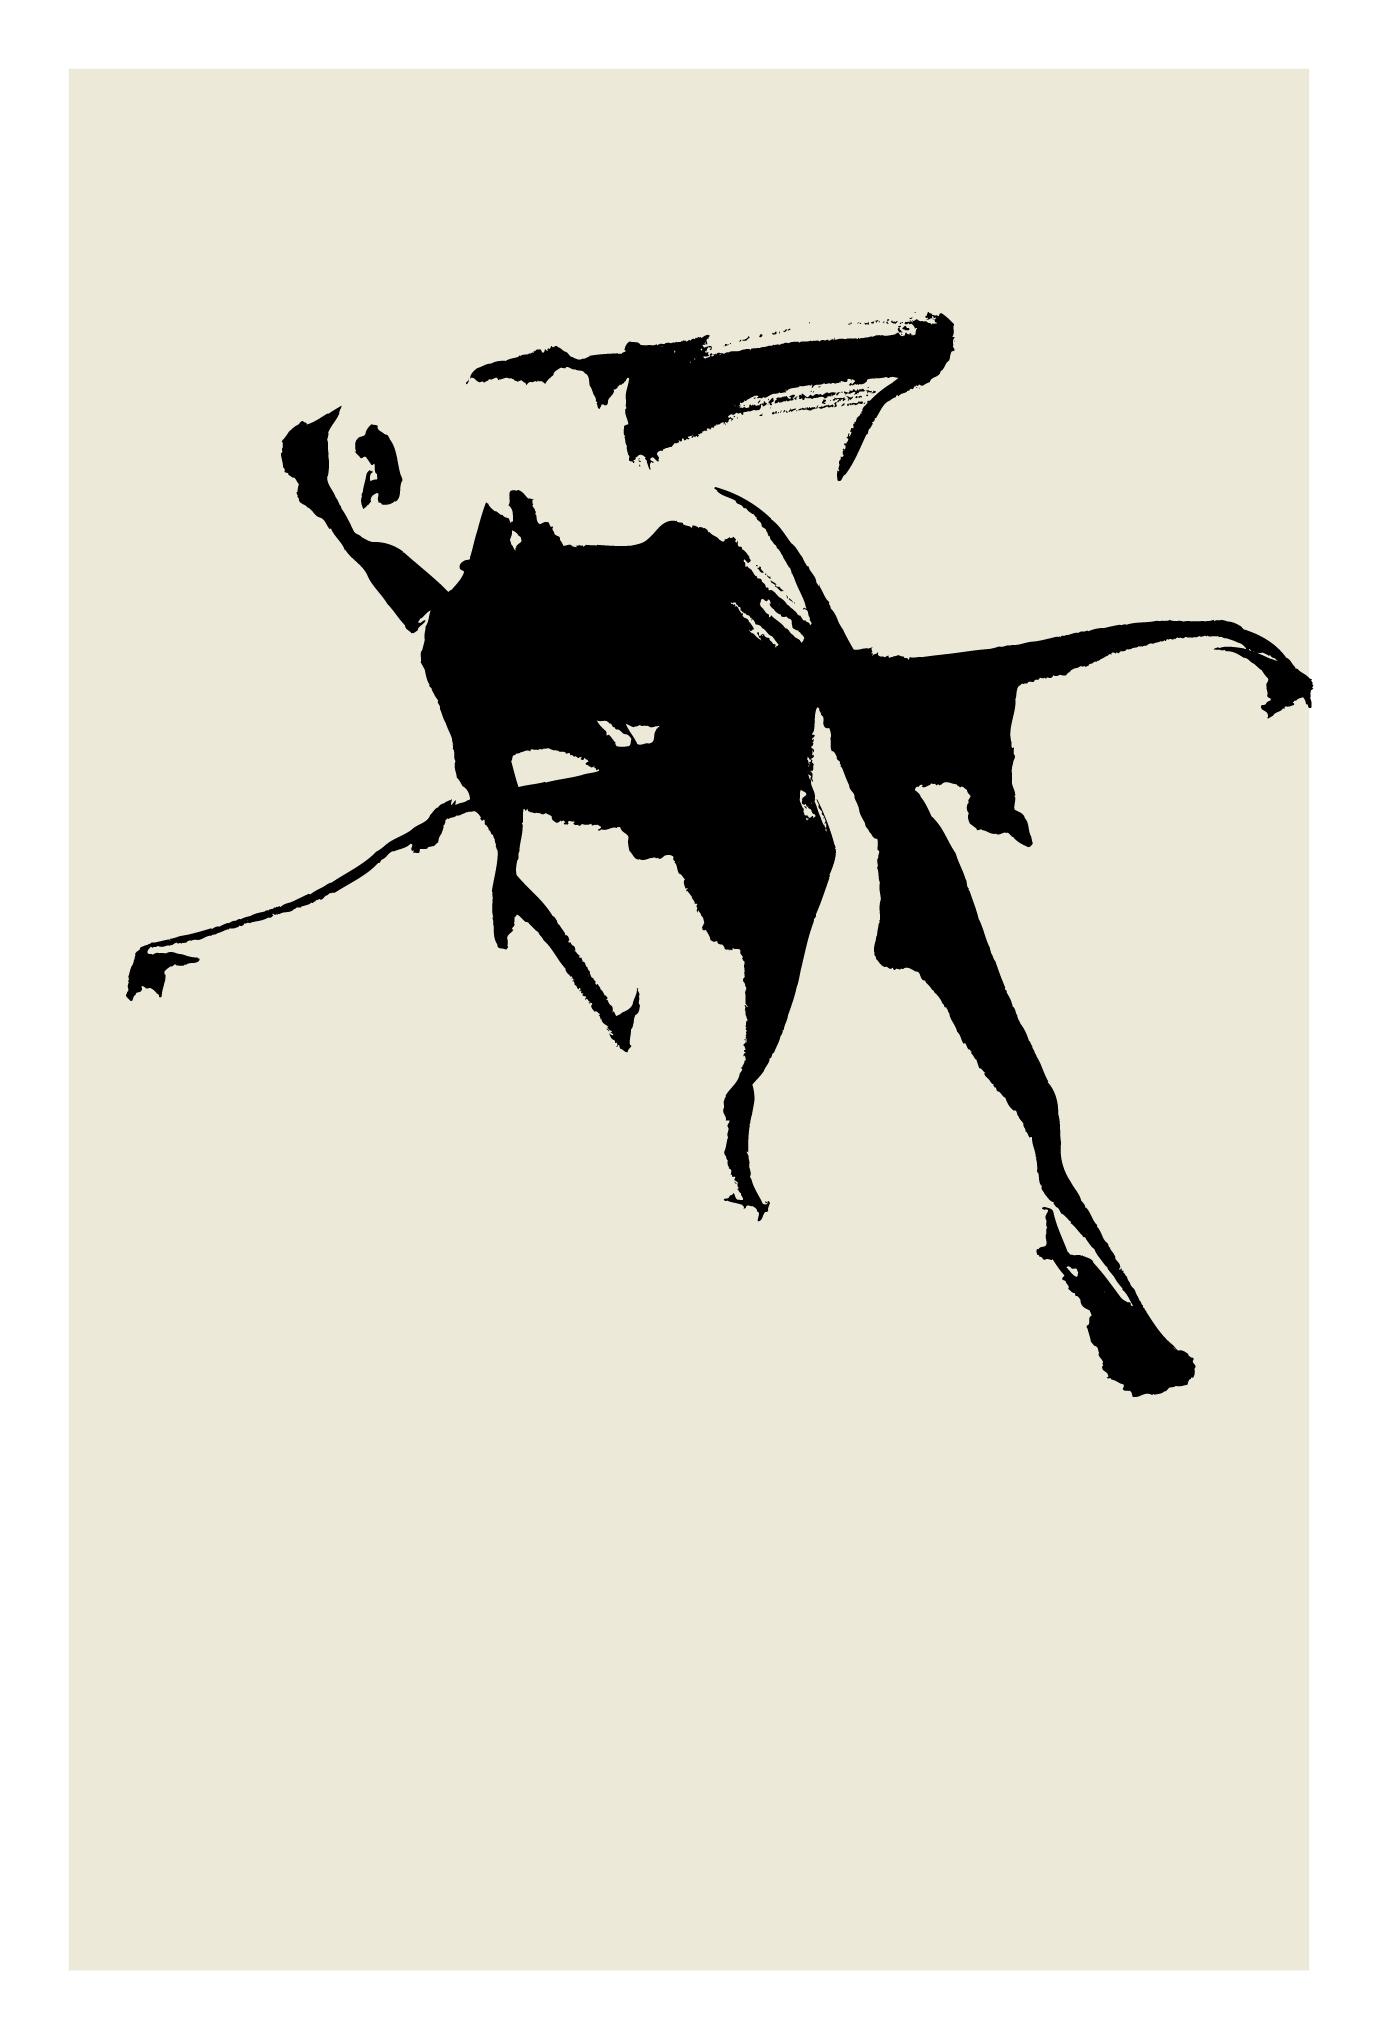 サマーカード48-2:金魚(黒)縦のダウンロード画像